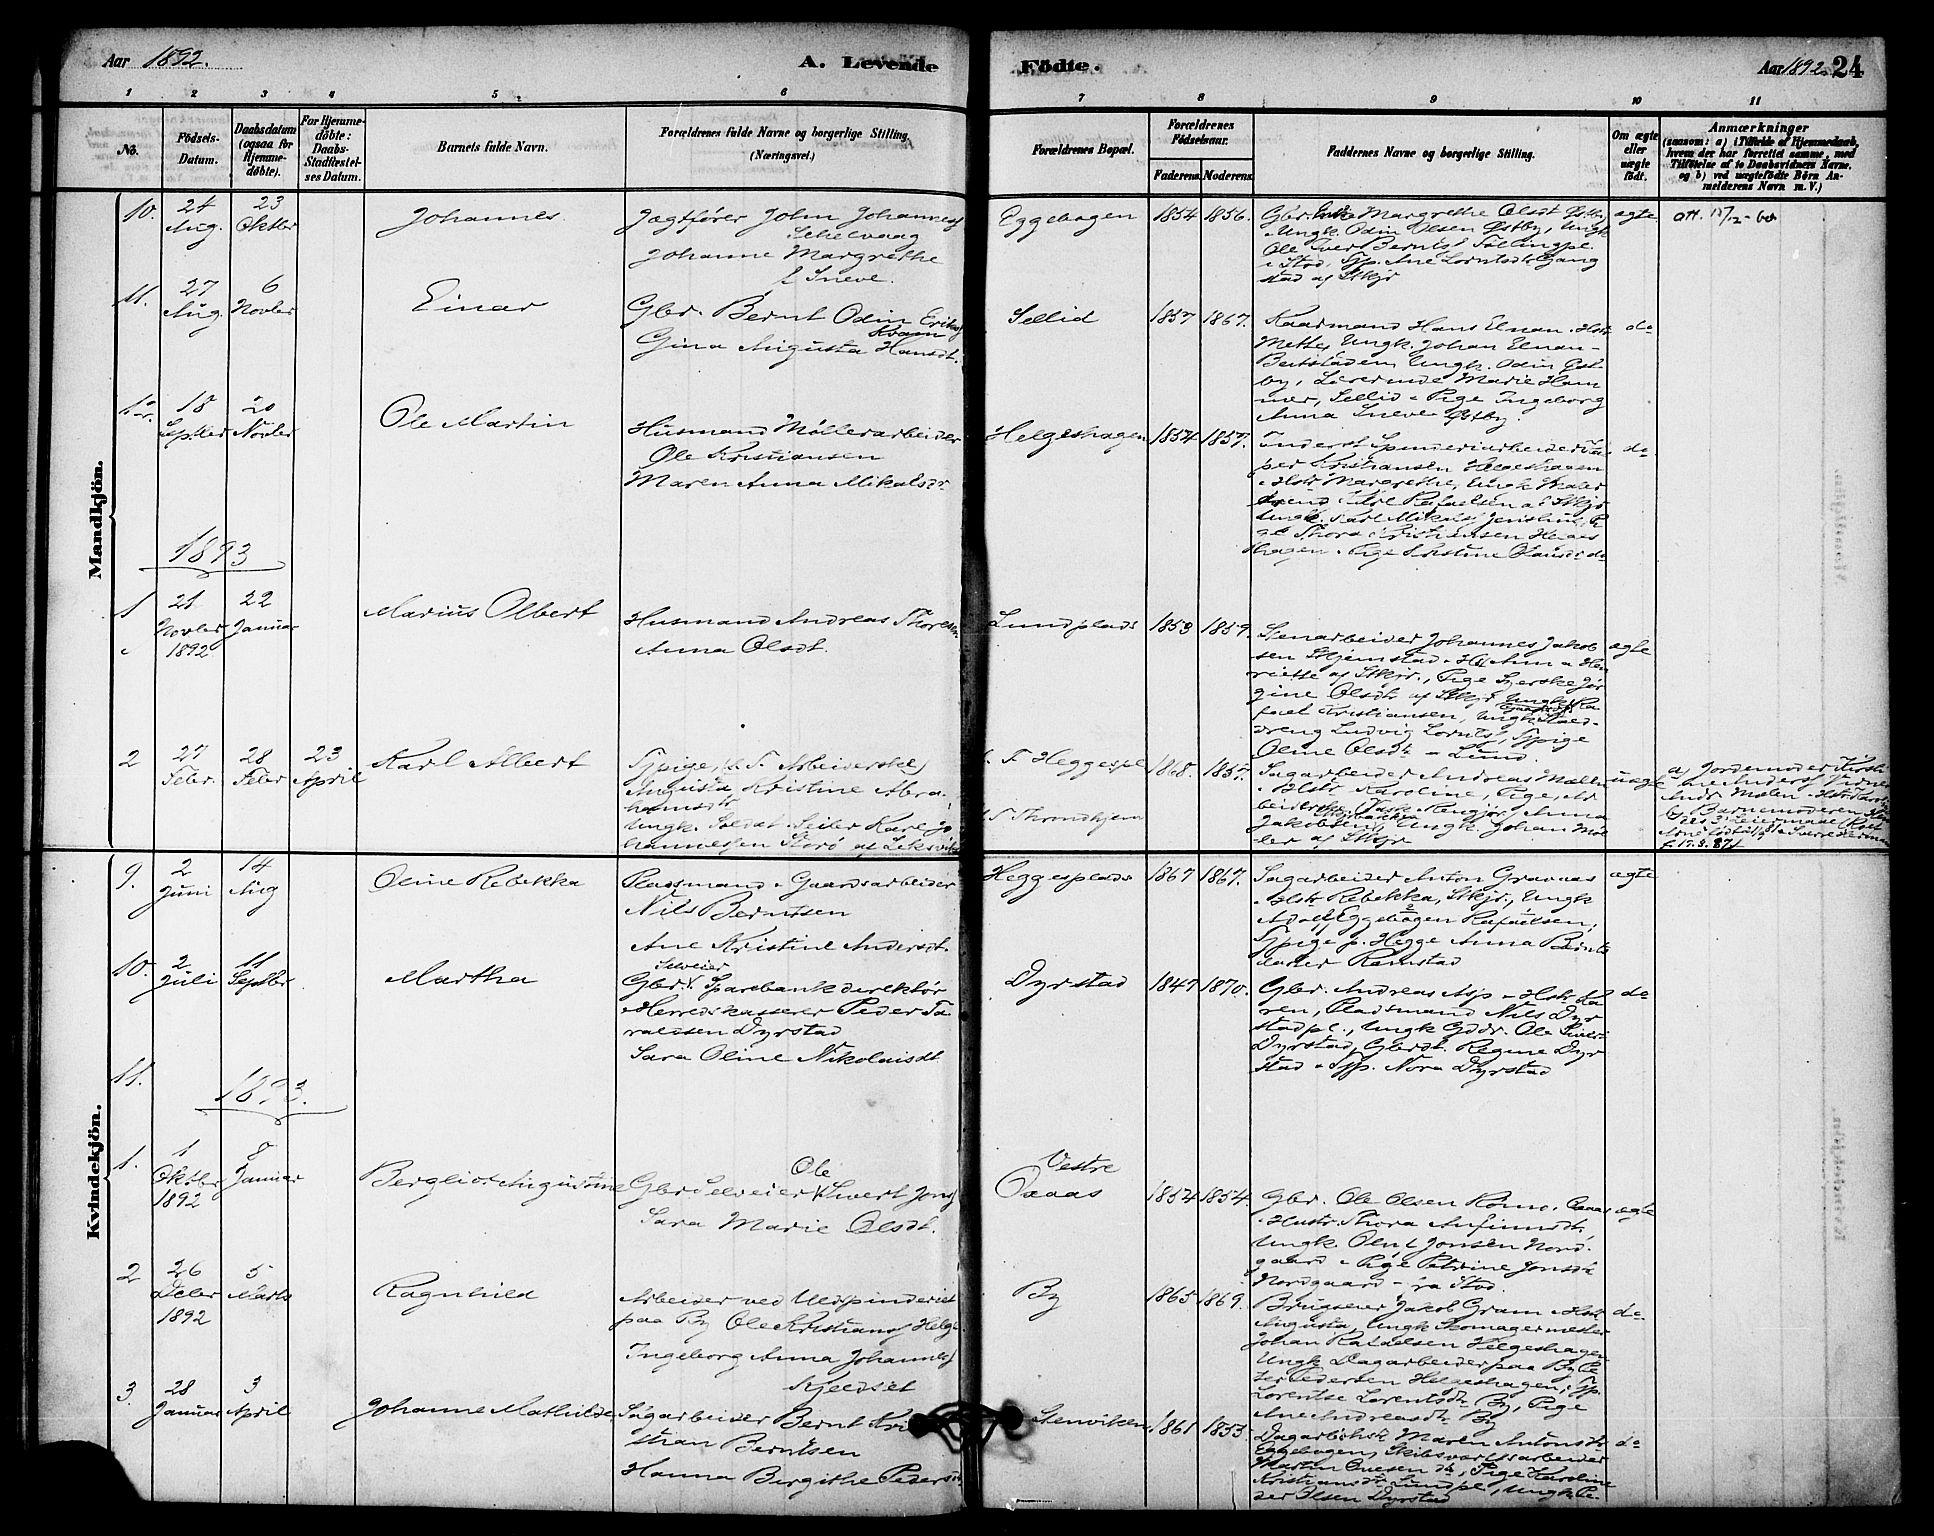 SAT, Ministerialprotokoller, klokkerbøker og fødselsregistre - Nord-Trøndelag, 740/L0378: Ministerialbok nr. 740A01, 1881-1895, s. 24